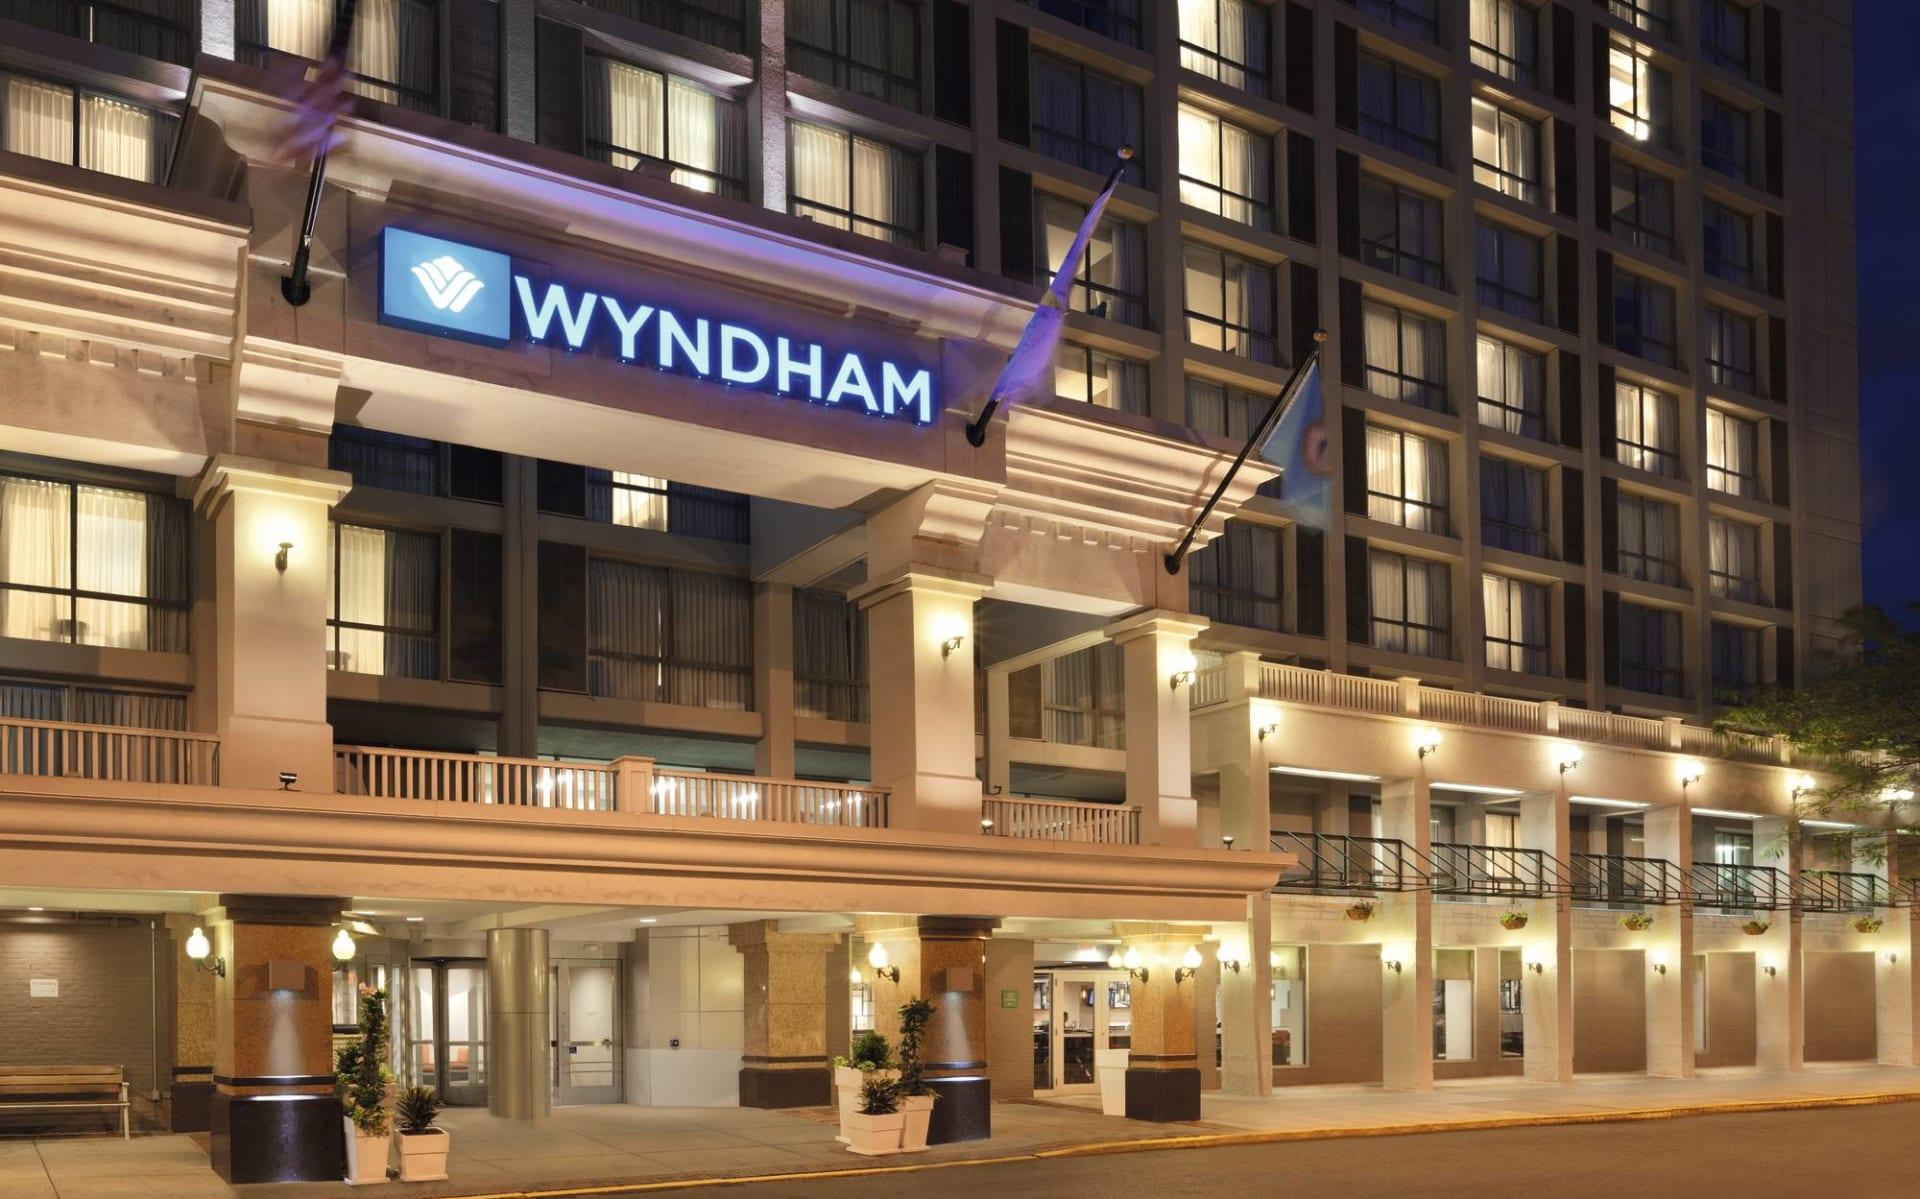 Wyndham Boston Beacon Hill:  Wyndham Boston Beacon Hill - Aussenansicht